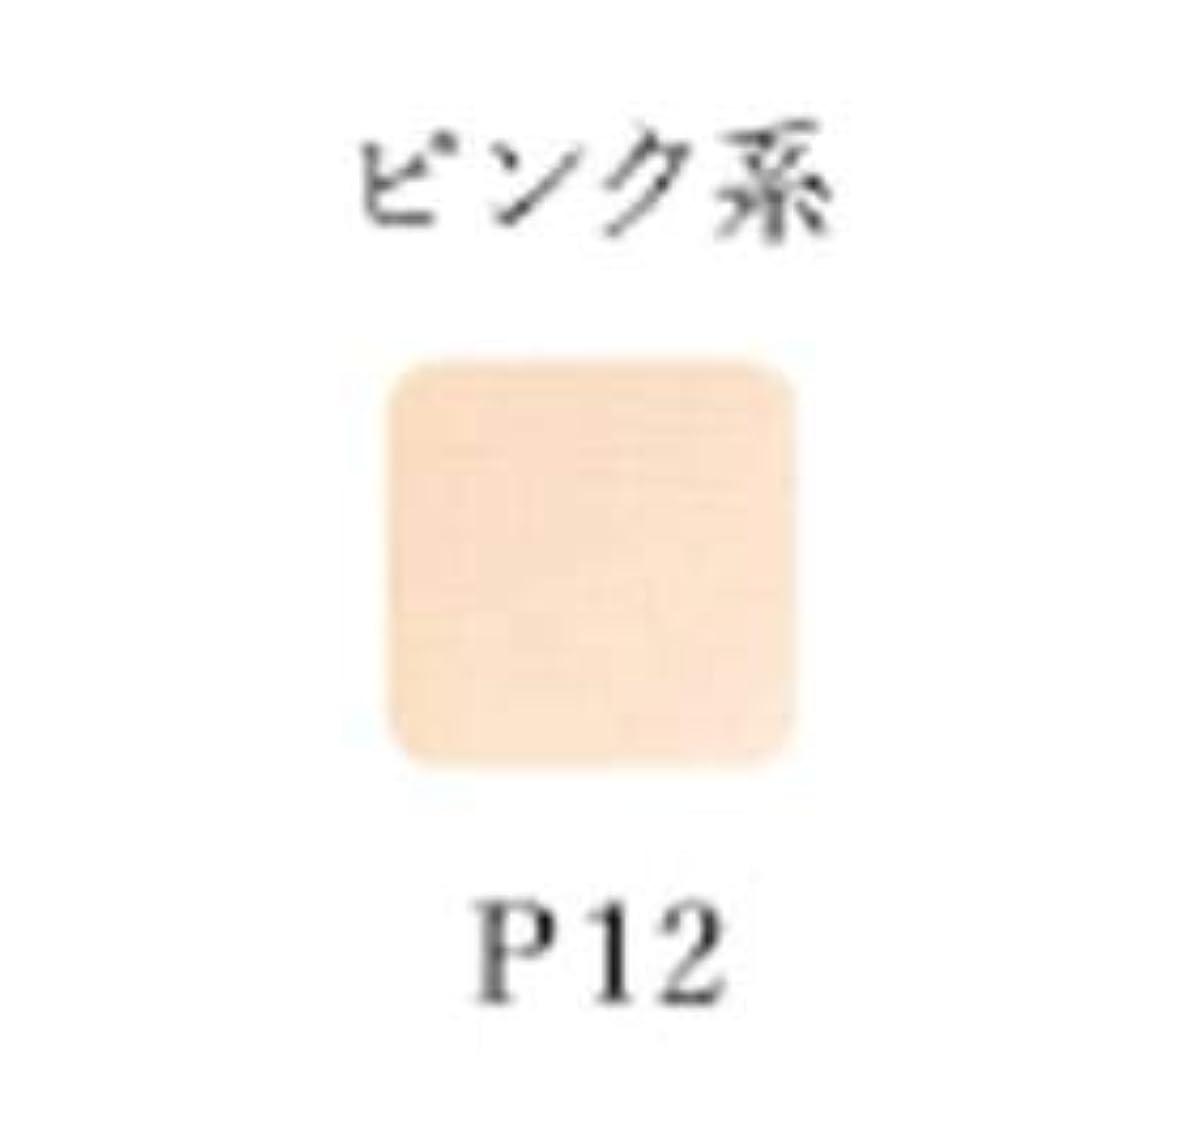 インフラ必要条件鎖オリリー パウダリーフィニッシュUV (2ウェイ) リフィル P12<14g>